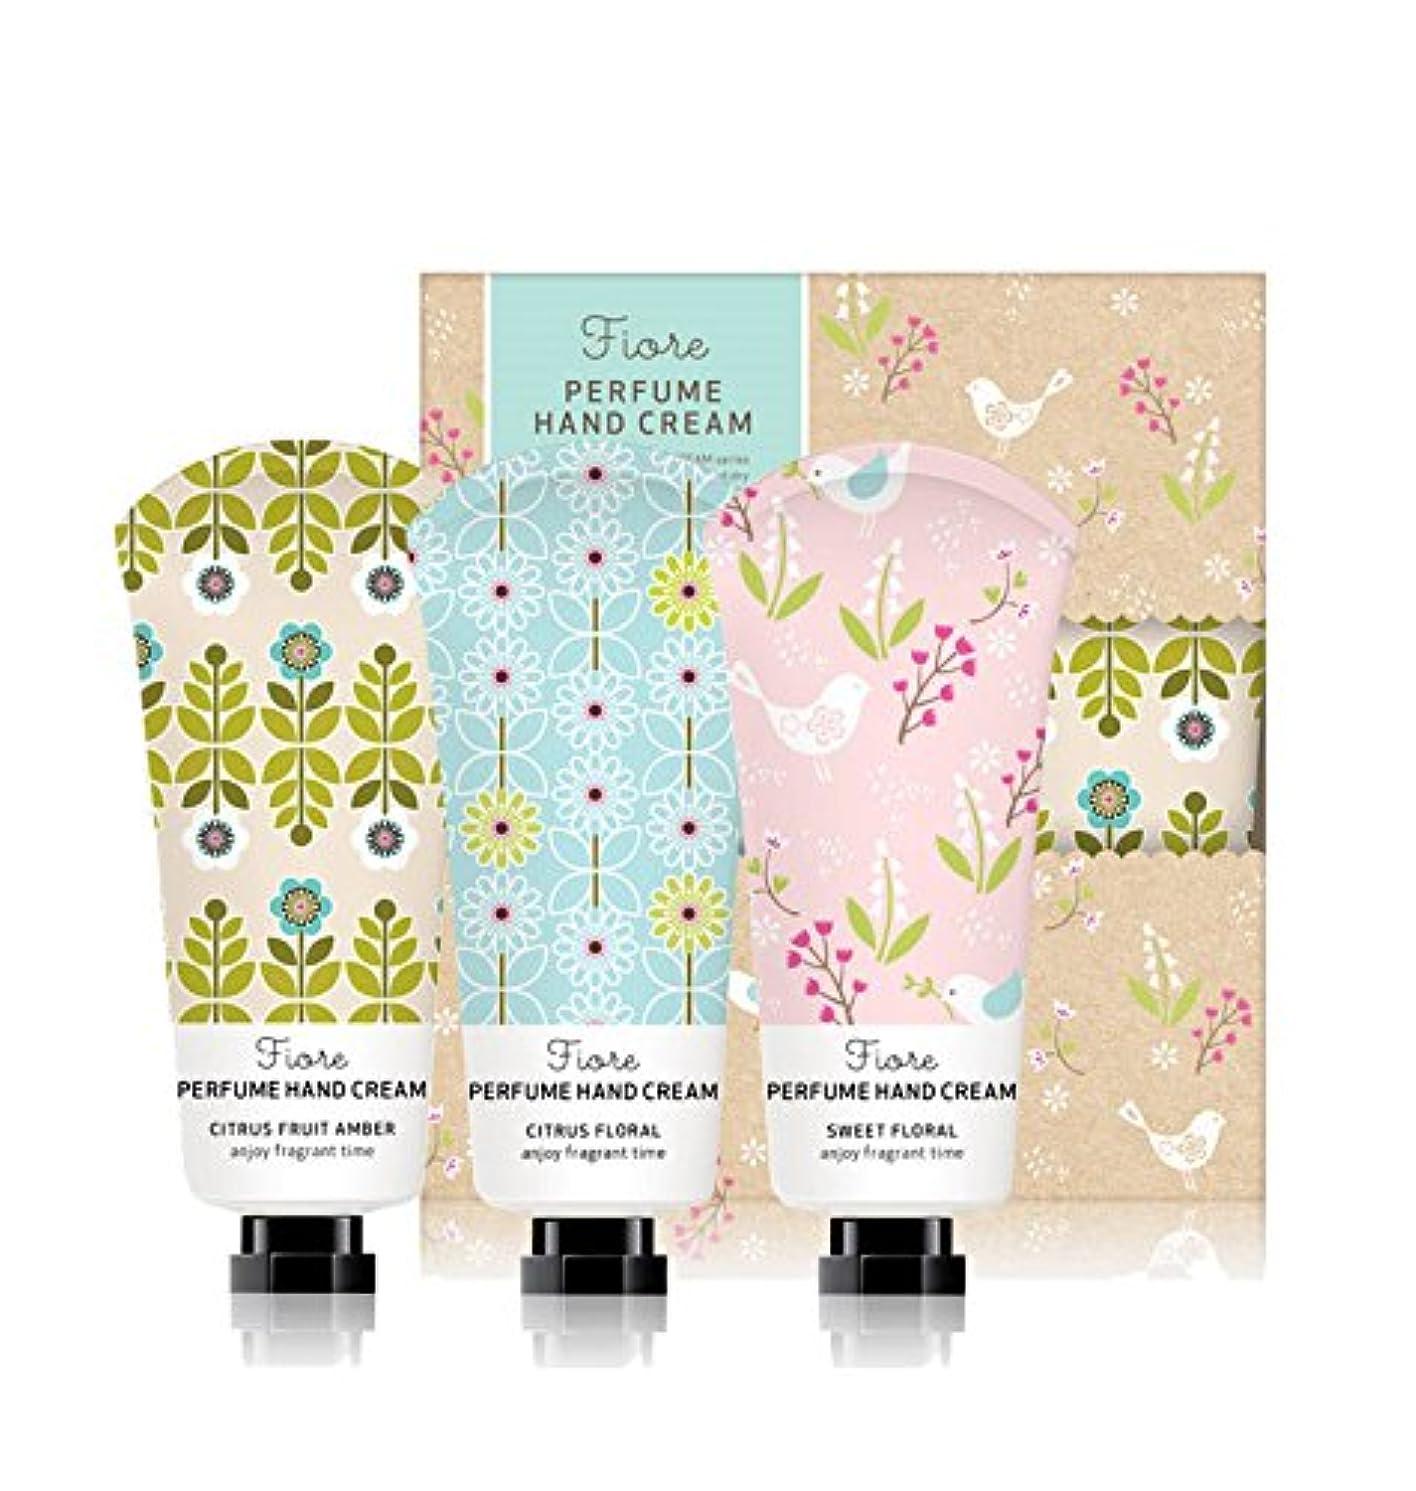 フラッシュのように素早く移行する樹木[Fiore★ギフト用紙袋贈呈] パフュームハンドクリーム?スペシャルセット 60g x 3個セット / Perfume Hand Cream Specail Set